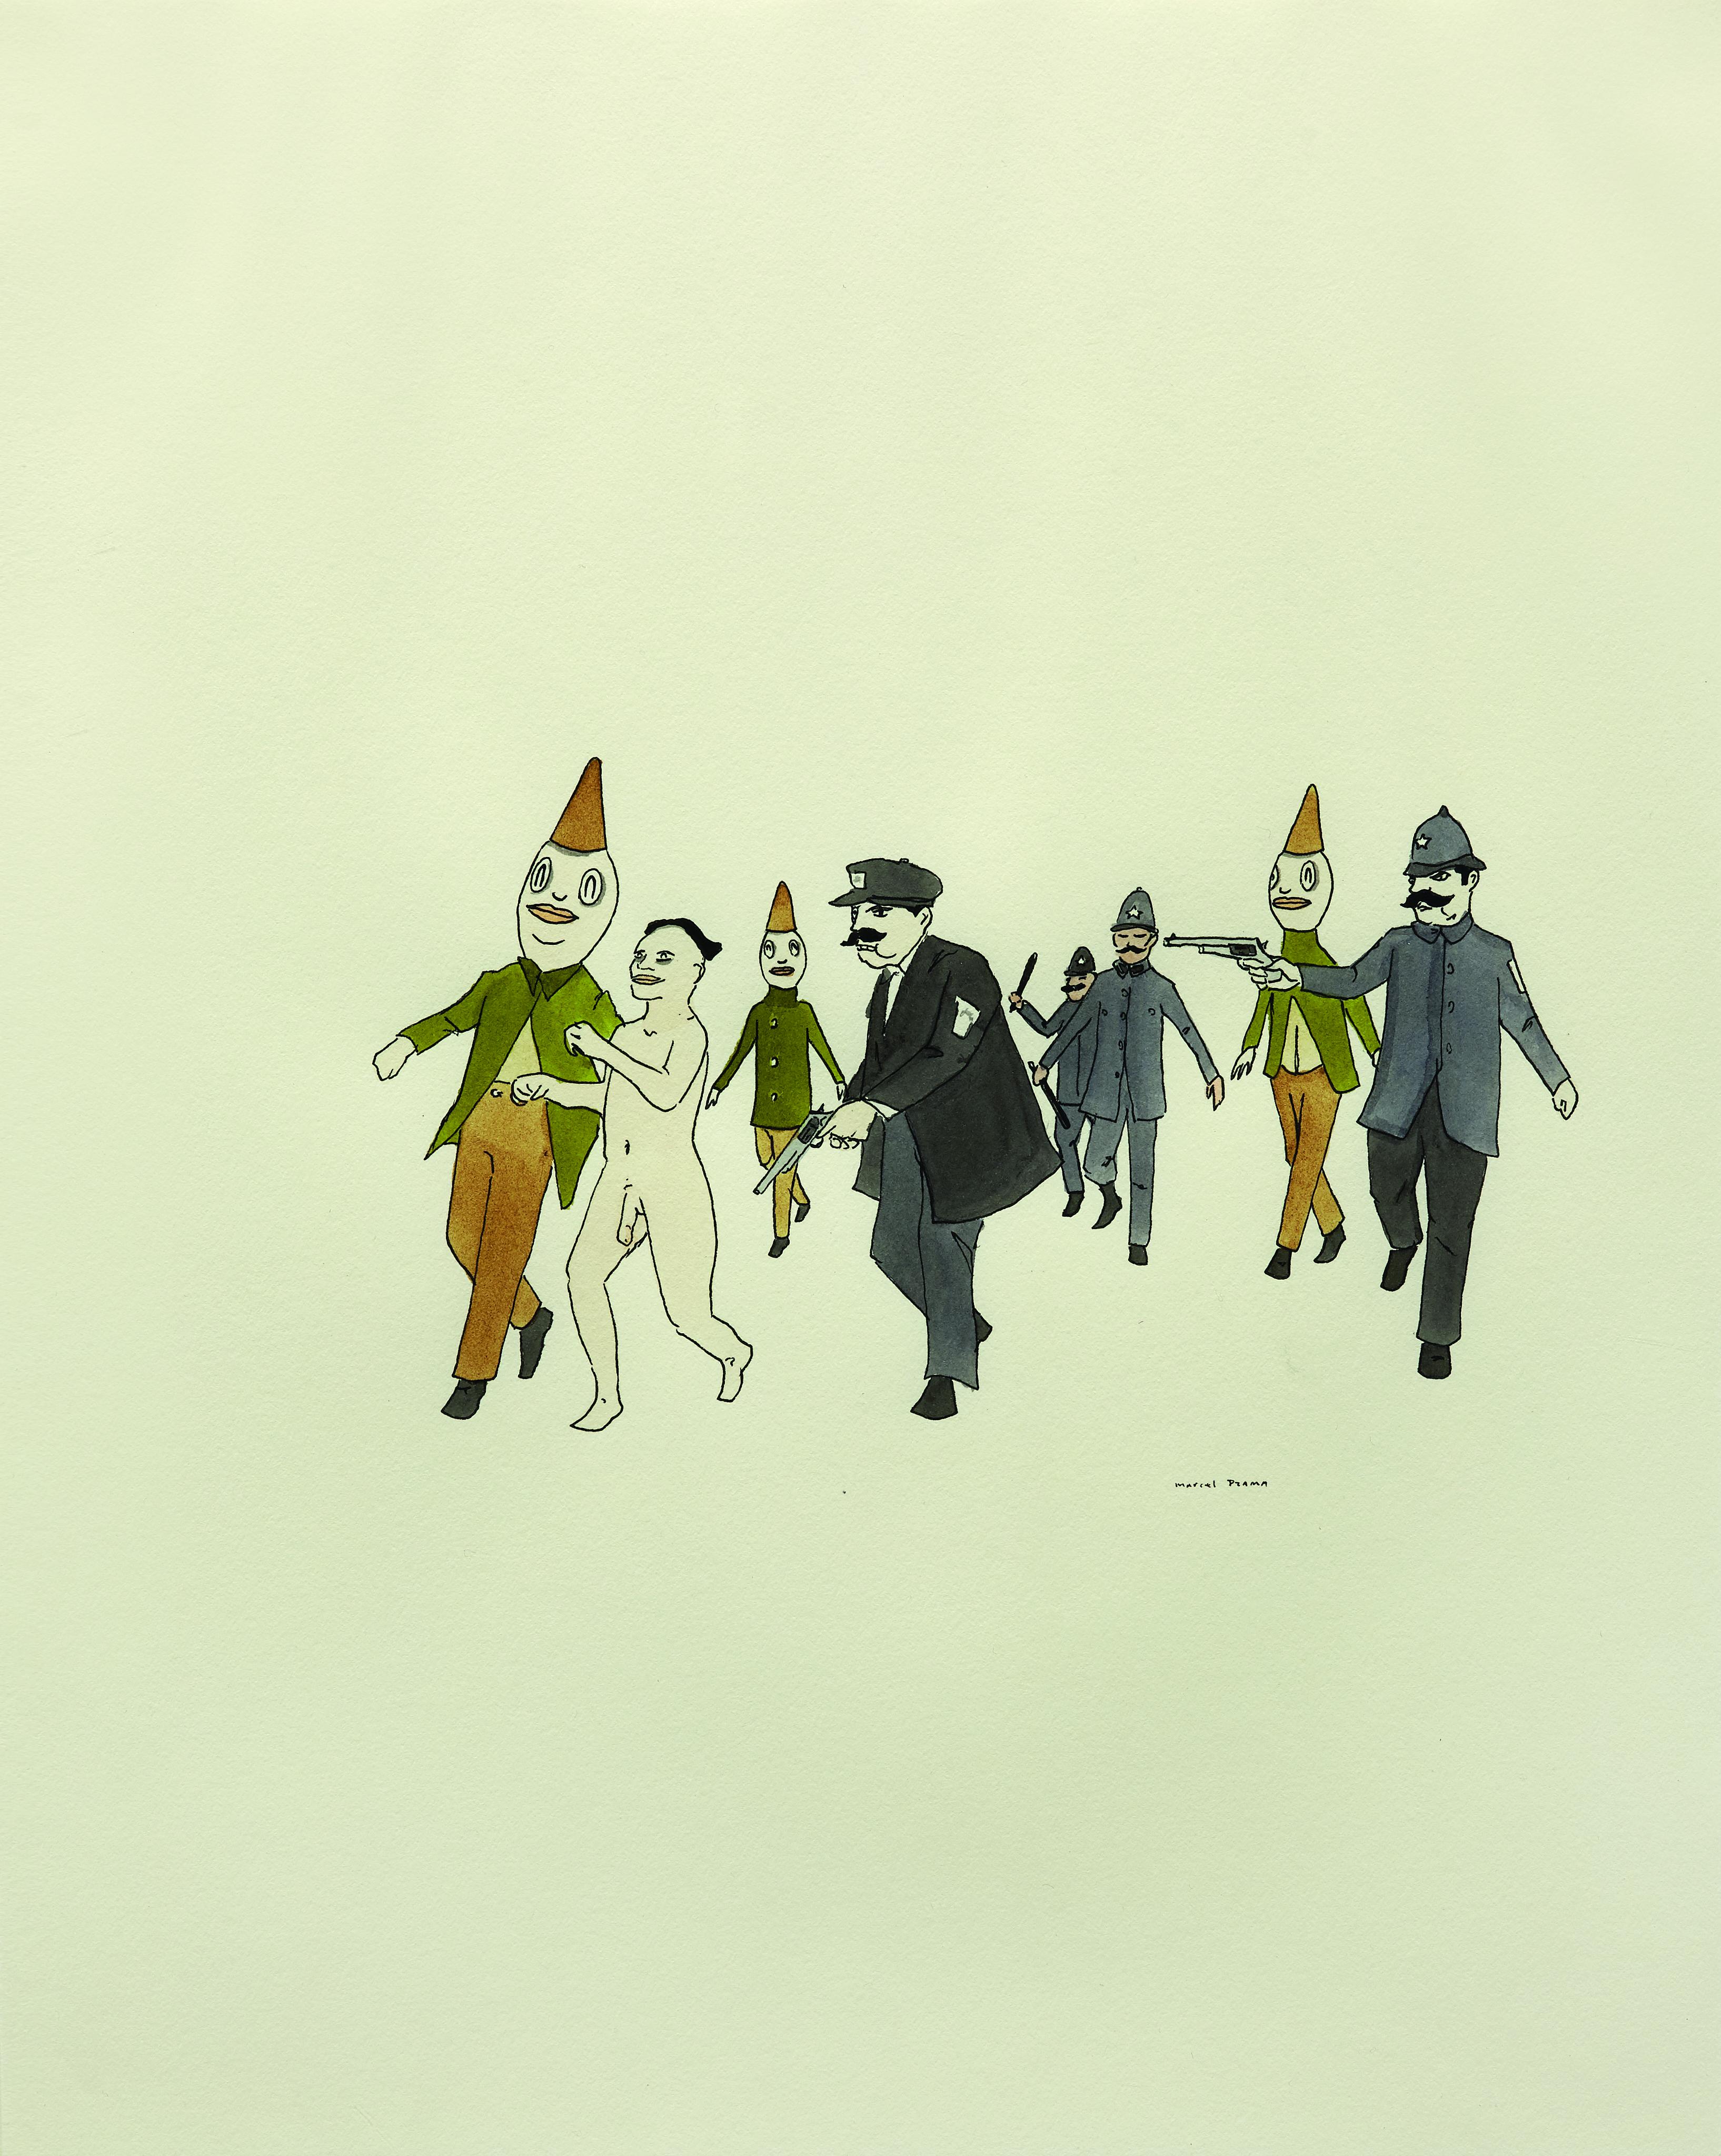 Marcel Dzama, Senza titolo, inchiostro e acquarello su carta, 35,6x27,9 cm, 2003